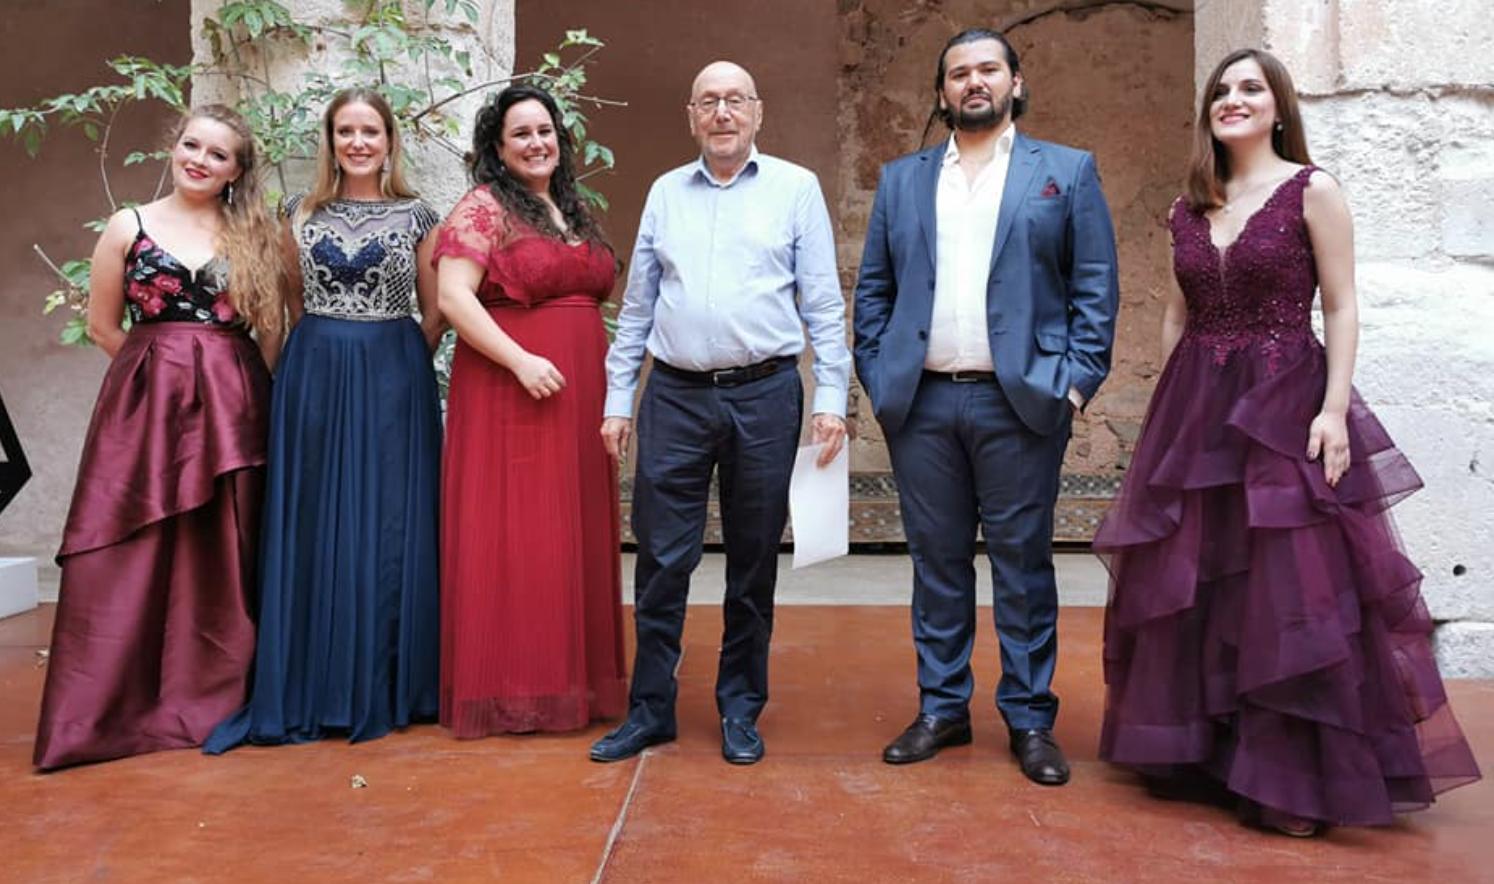 La tres jóvenes sopranos premiadas con el director del Festival Lírico de Medinaceli y los dos cantantes con mención especial.